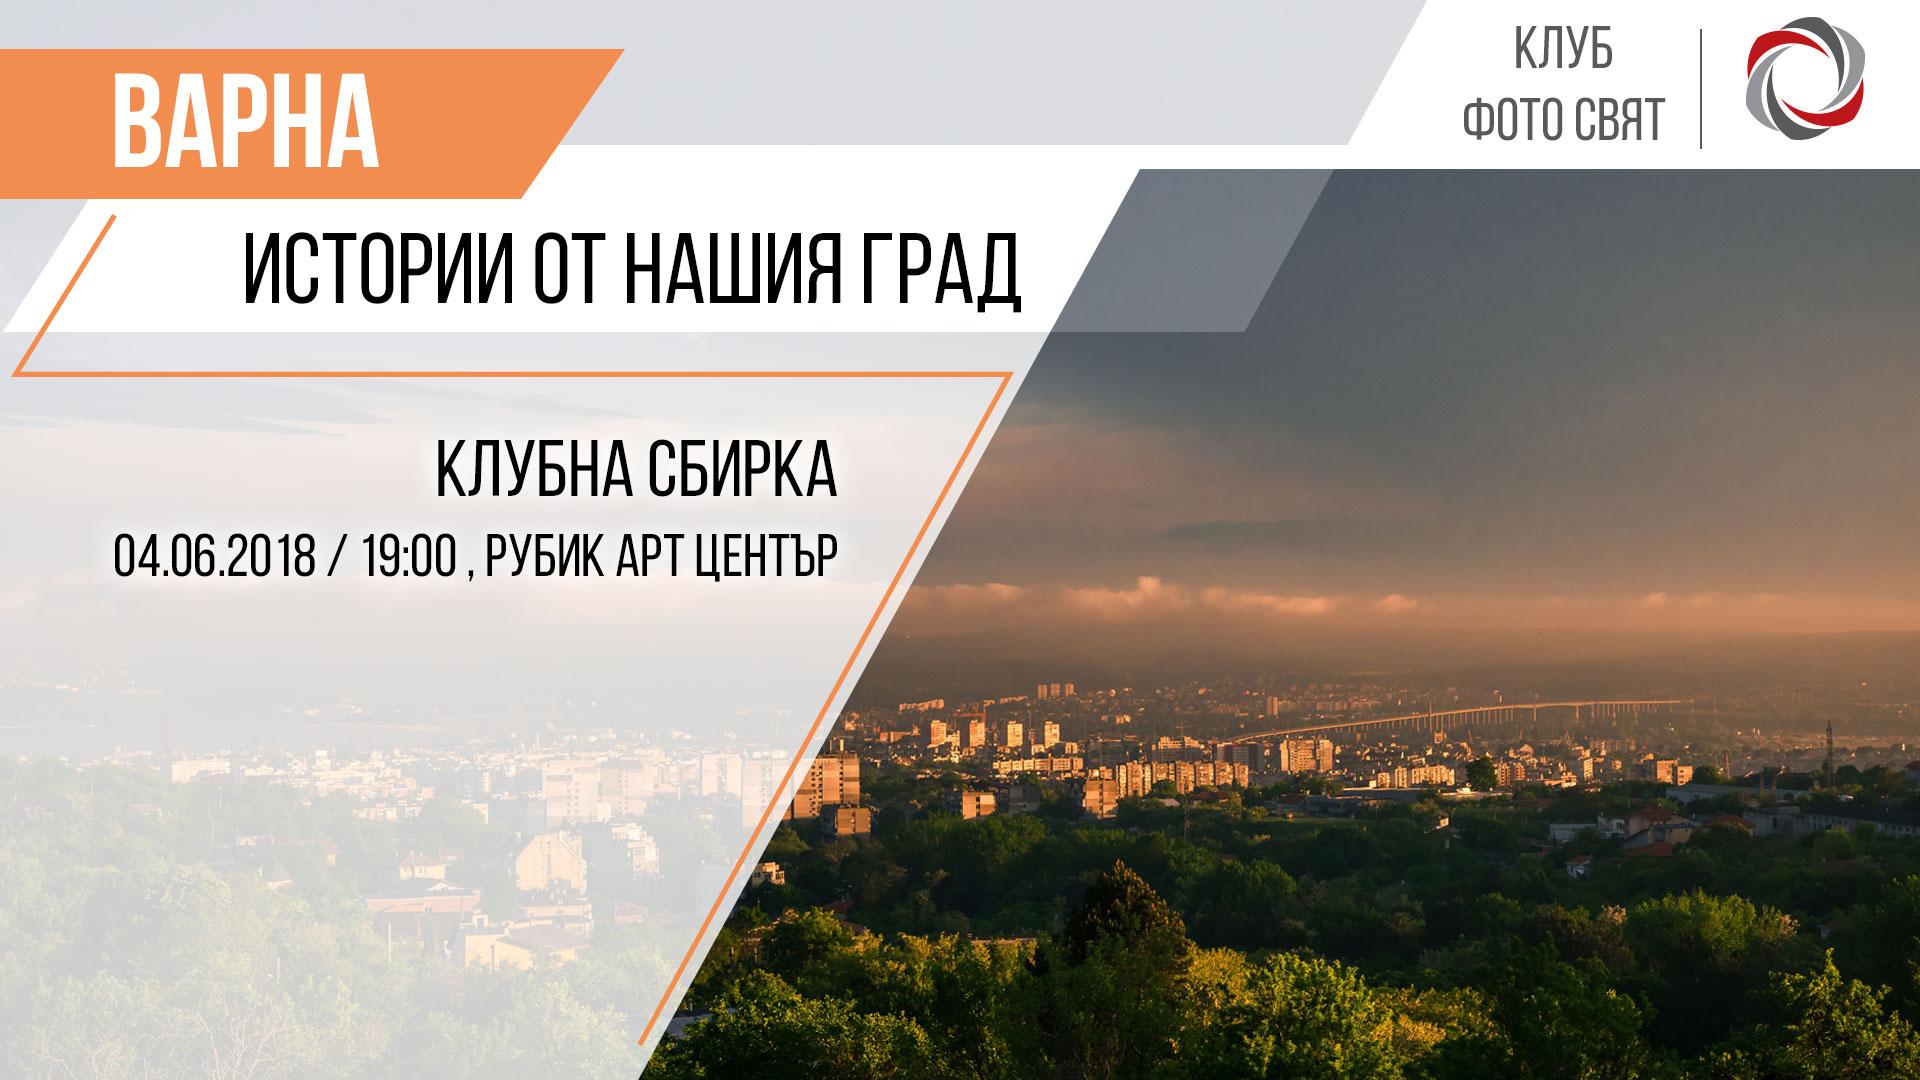 Истории от нашия град - Варна